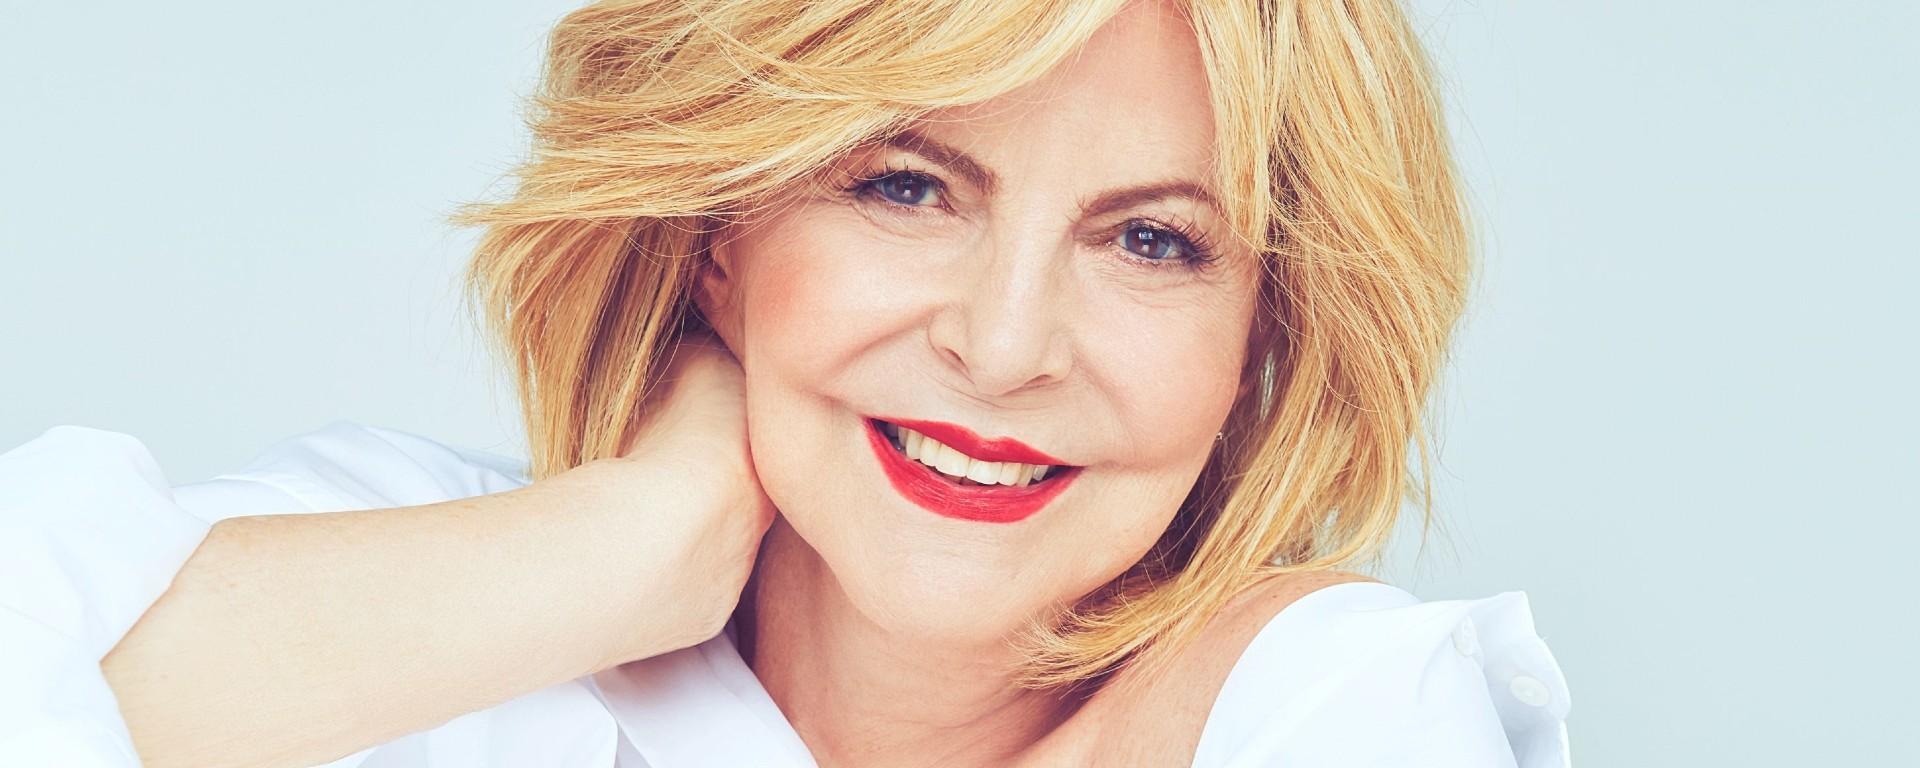 Hana Zagorová - vychádza jubilejný komplet 6 CD so 100 najobľúbenejšími piesňami a 20 duetami.